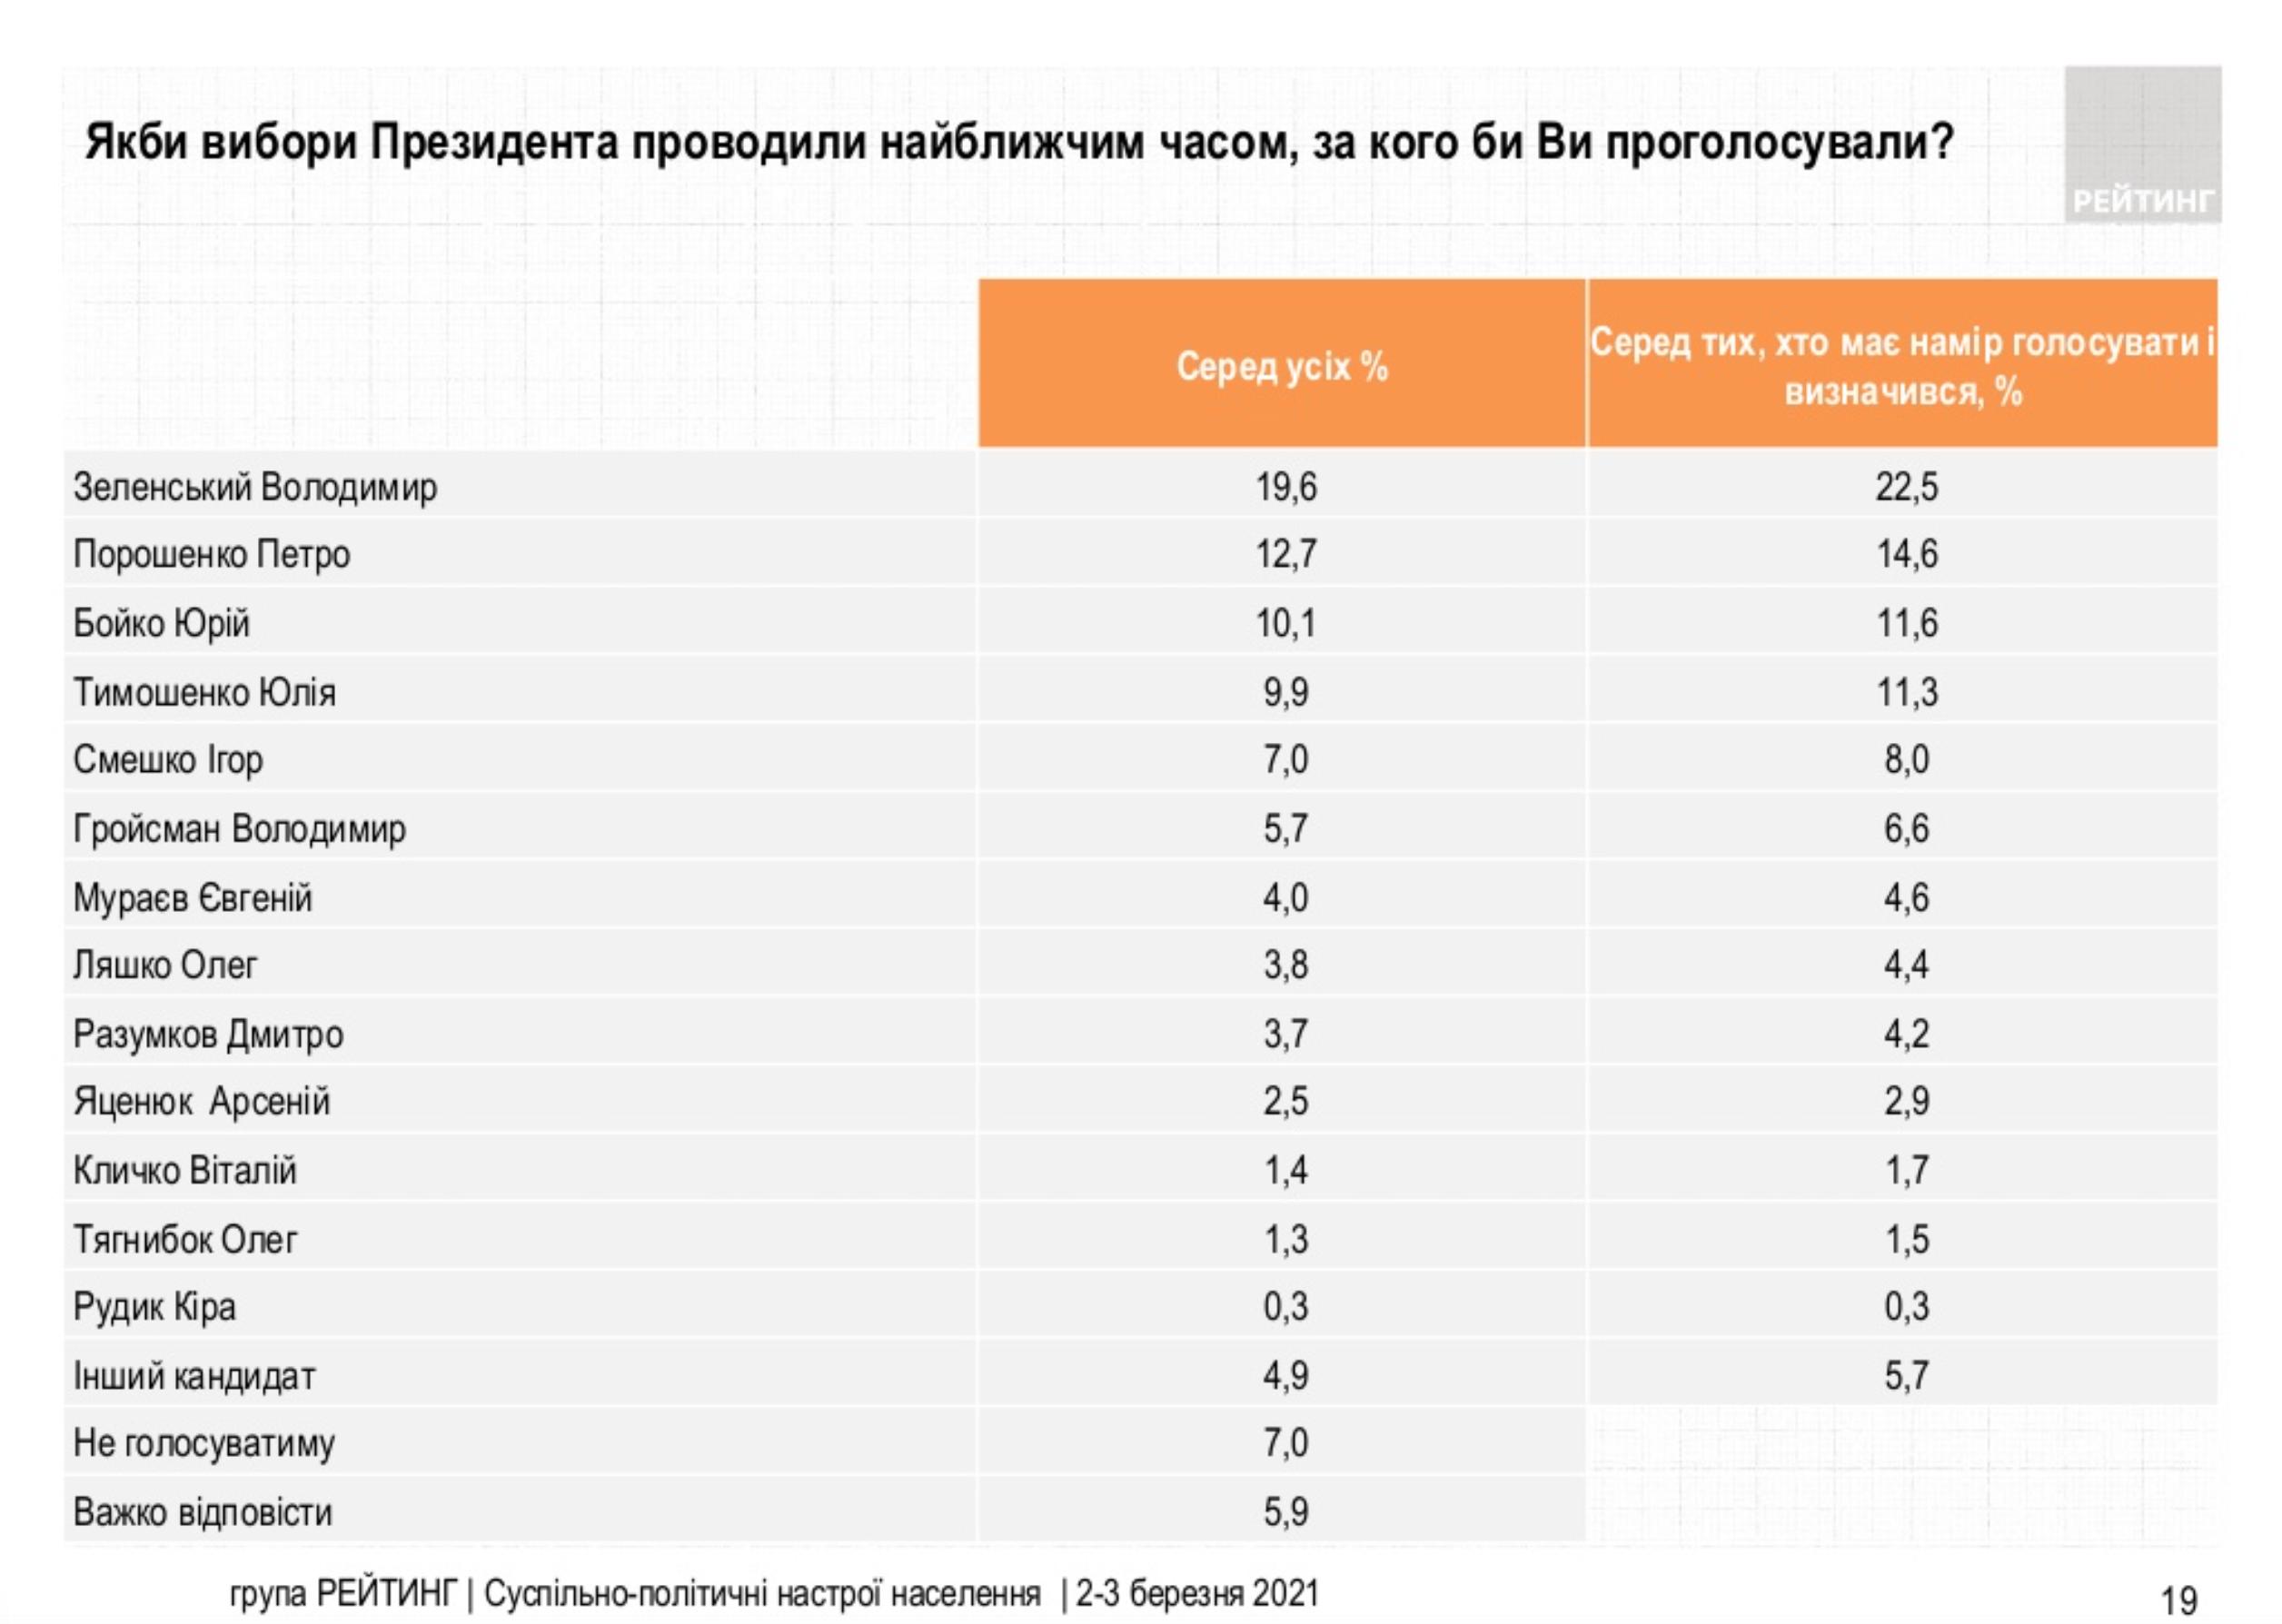 Зеленский лидирует в президентском рейтинге, за ним – Порошенко и Бойко – опрос Рейтинга